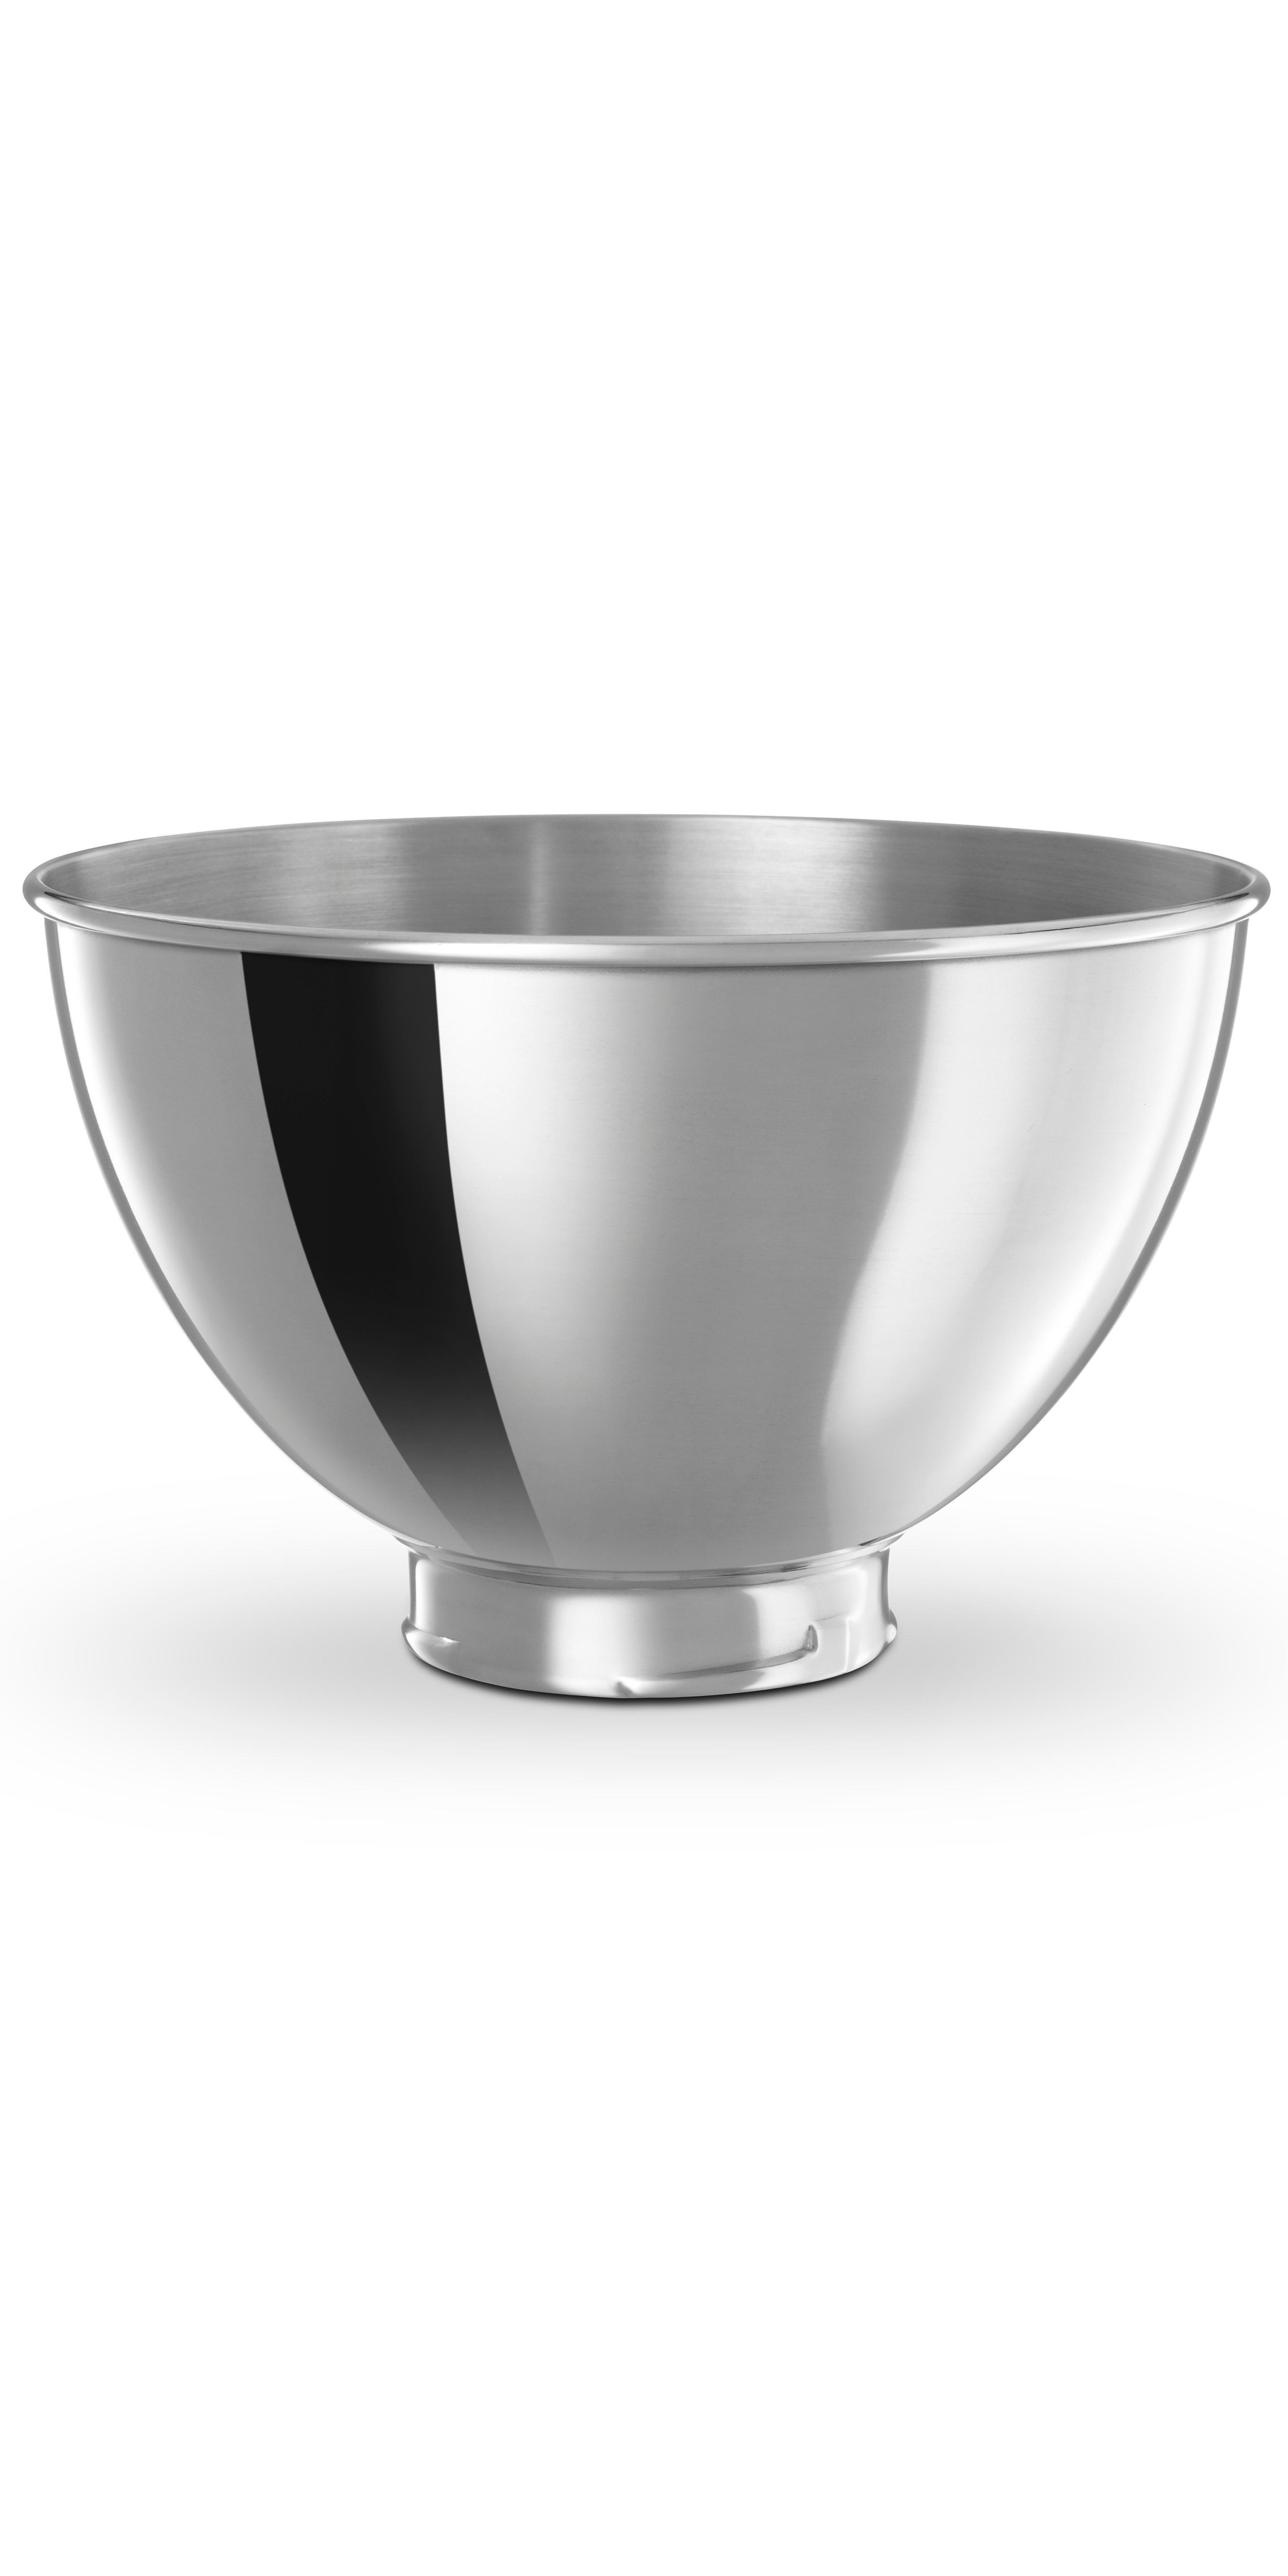 images?q=tbn:ANd9GcQh_l3eQ5xwiPy07kGEXjmjgmBKBRB7H2mRxCGhv1tFWg5c_mWT Kitchenaid 3 Qt Mixer Bowl